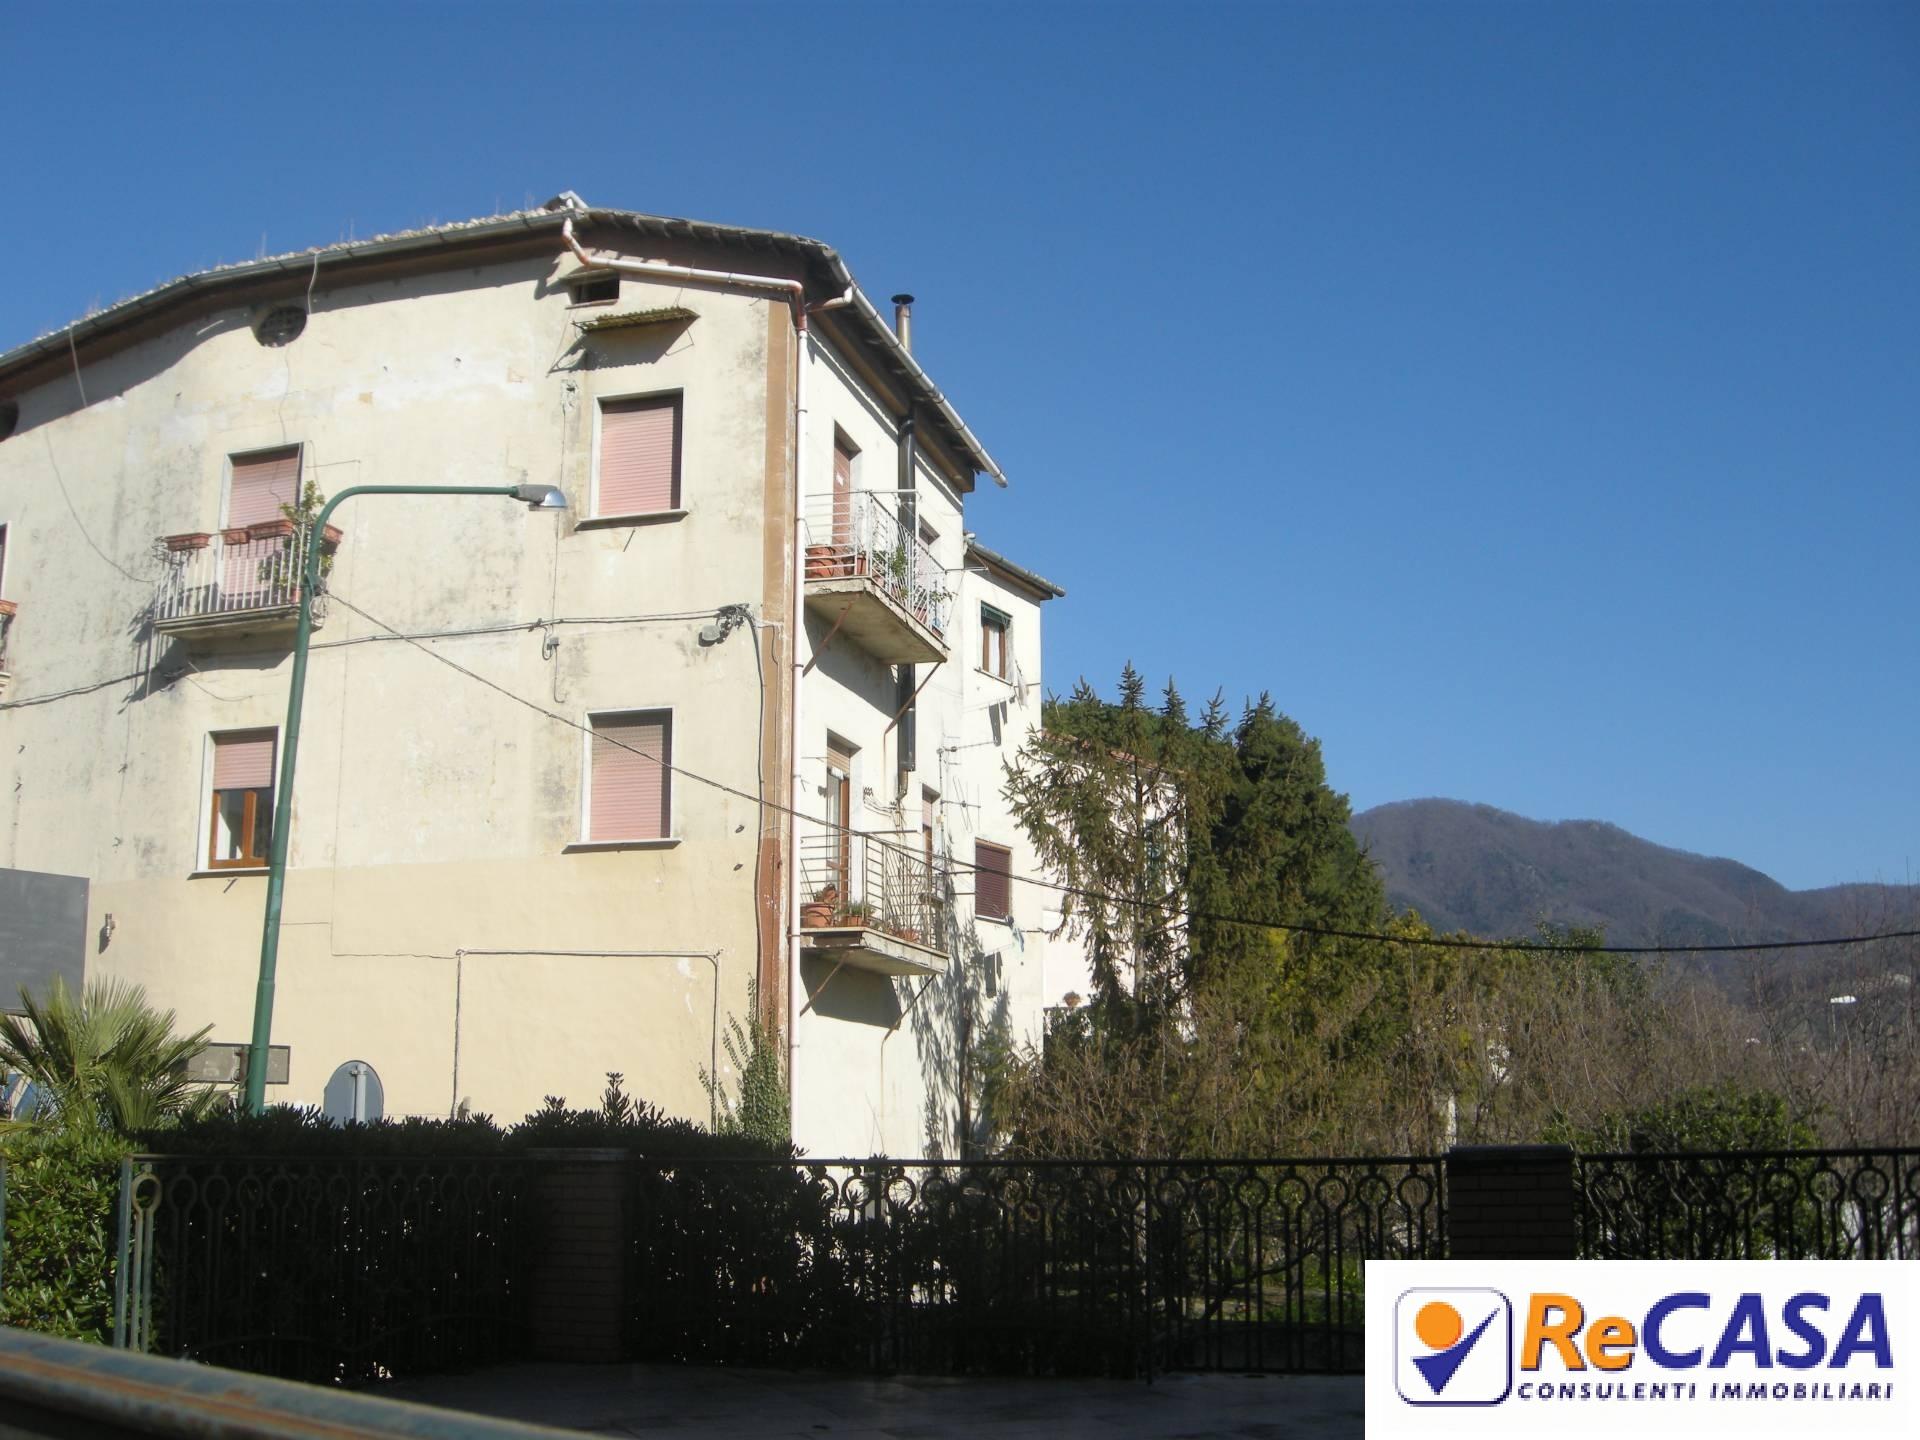 Immobile a Montecorvino Rovella